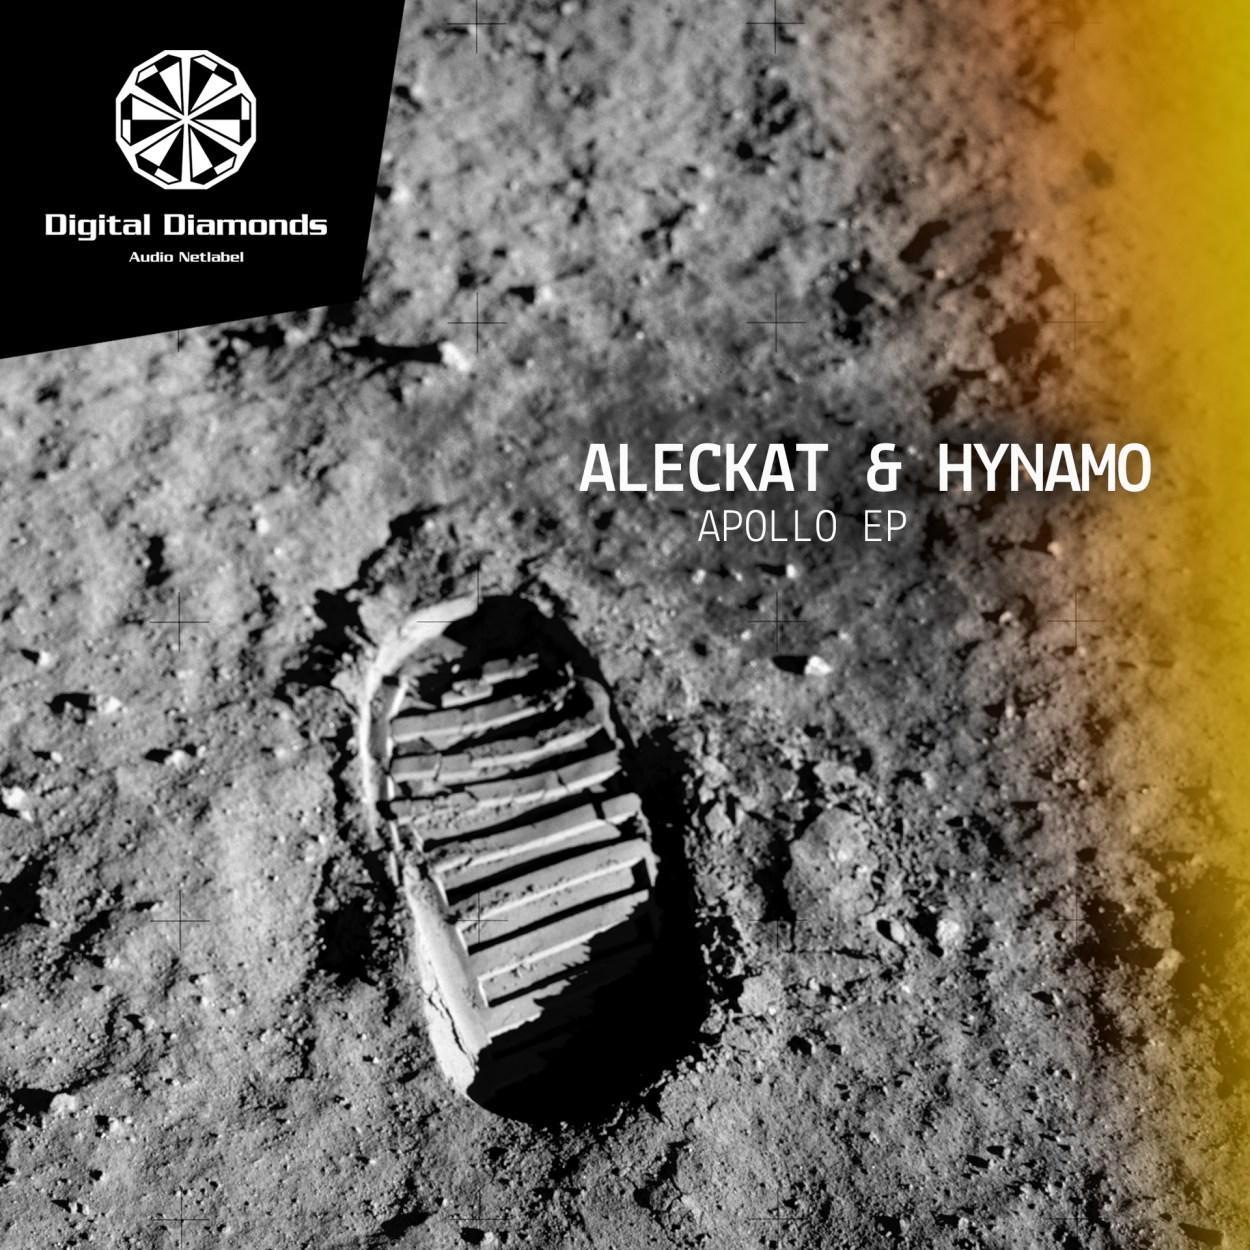 Aleckat & Hynamo – Apollo EP